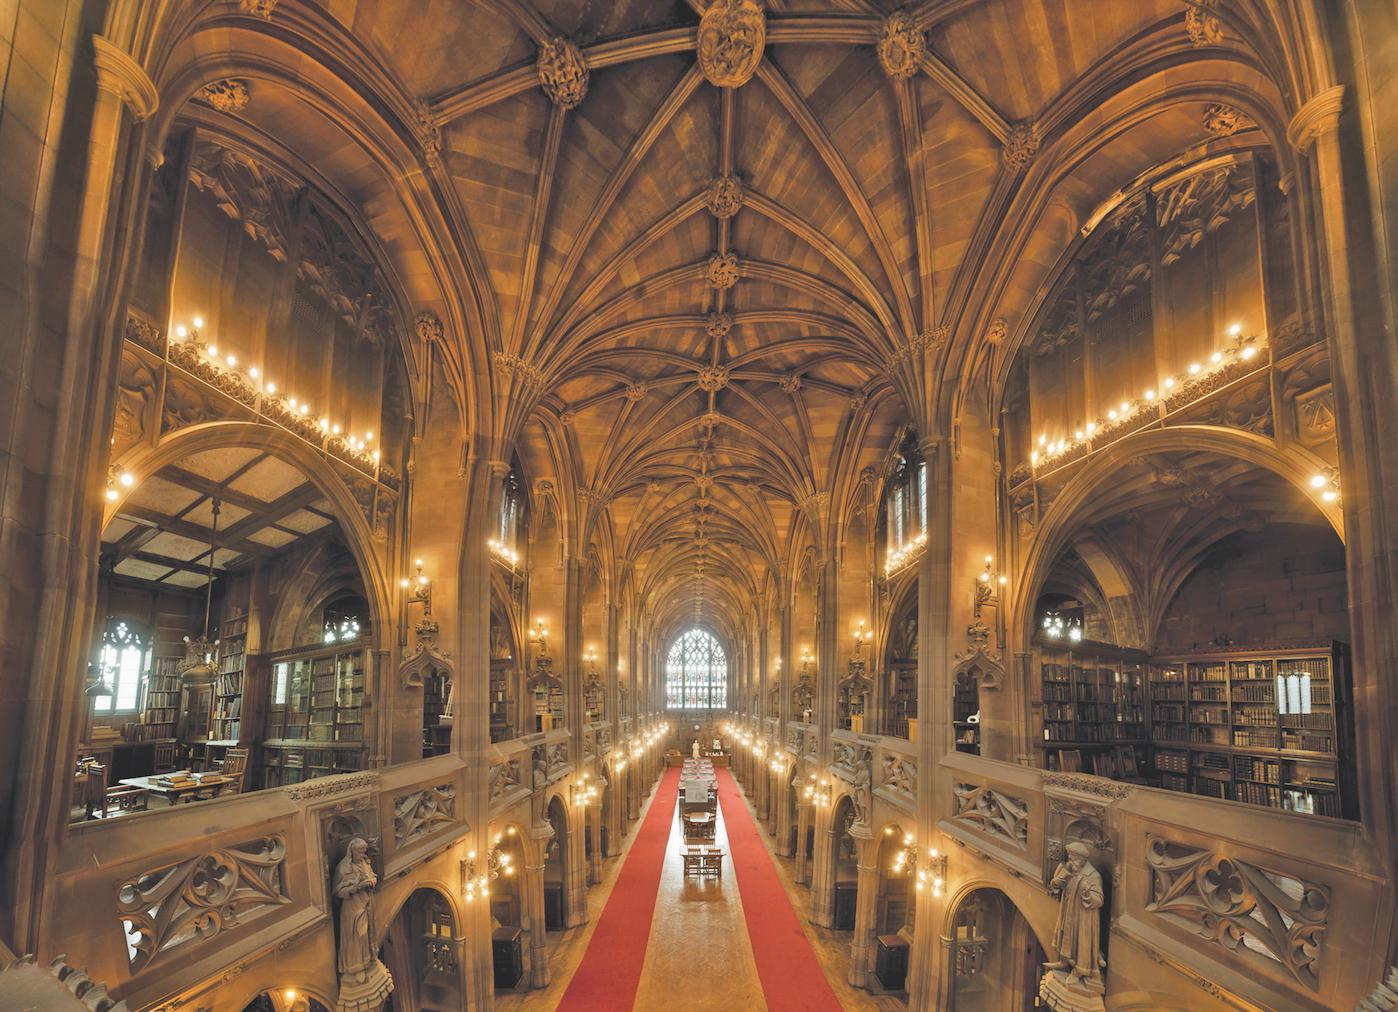 Głównym miejscem biblioteki jest czytelnia, w której mieszczą się marmurowe posągi przedstawiające postaci Johna i Enriquety.